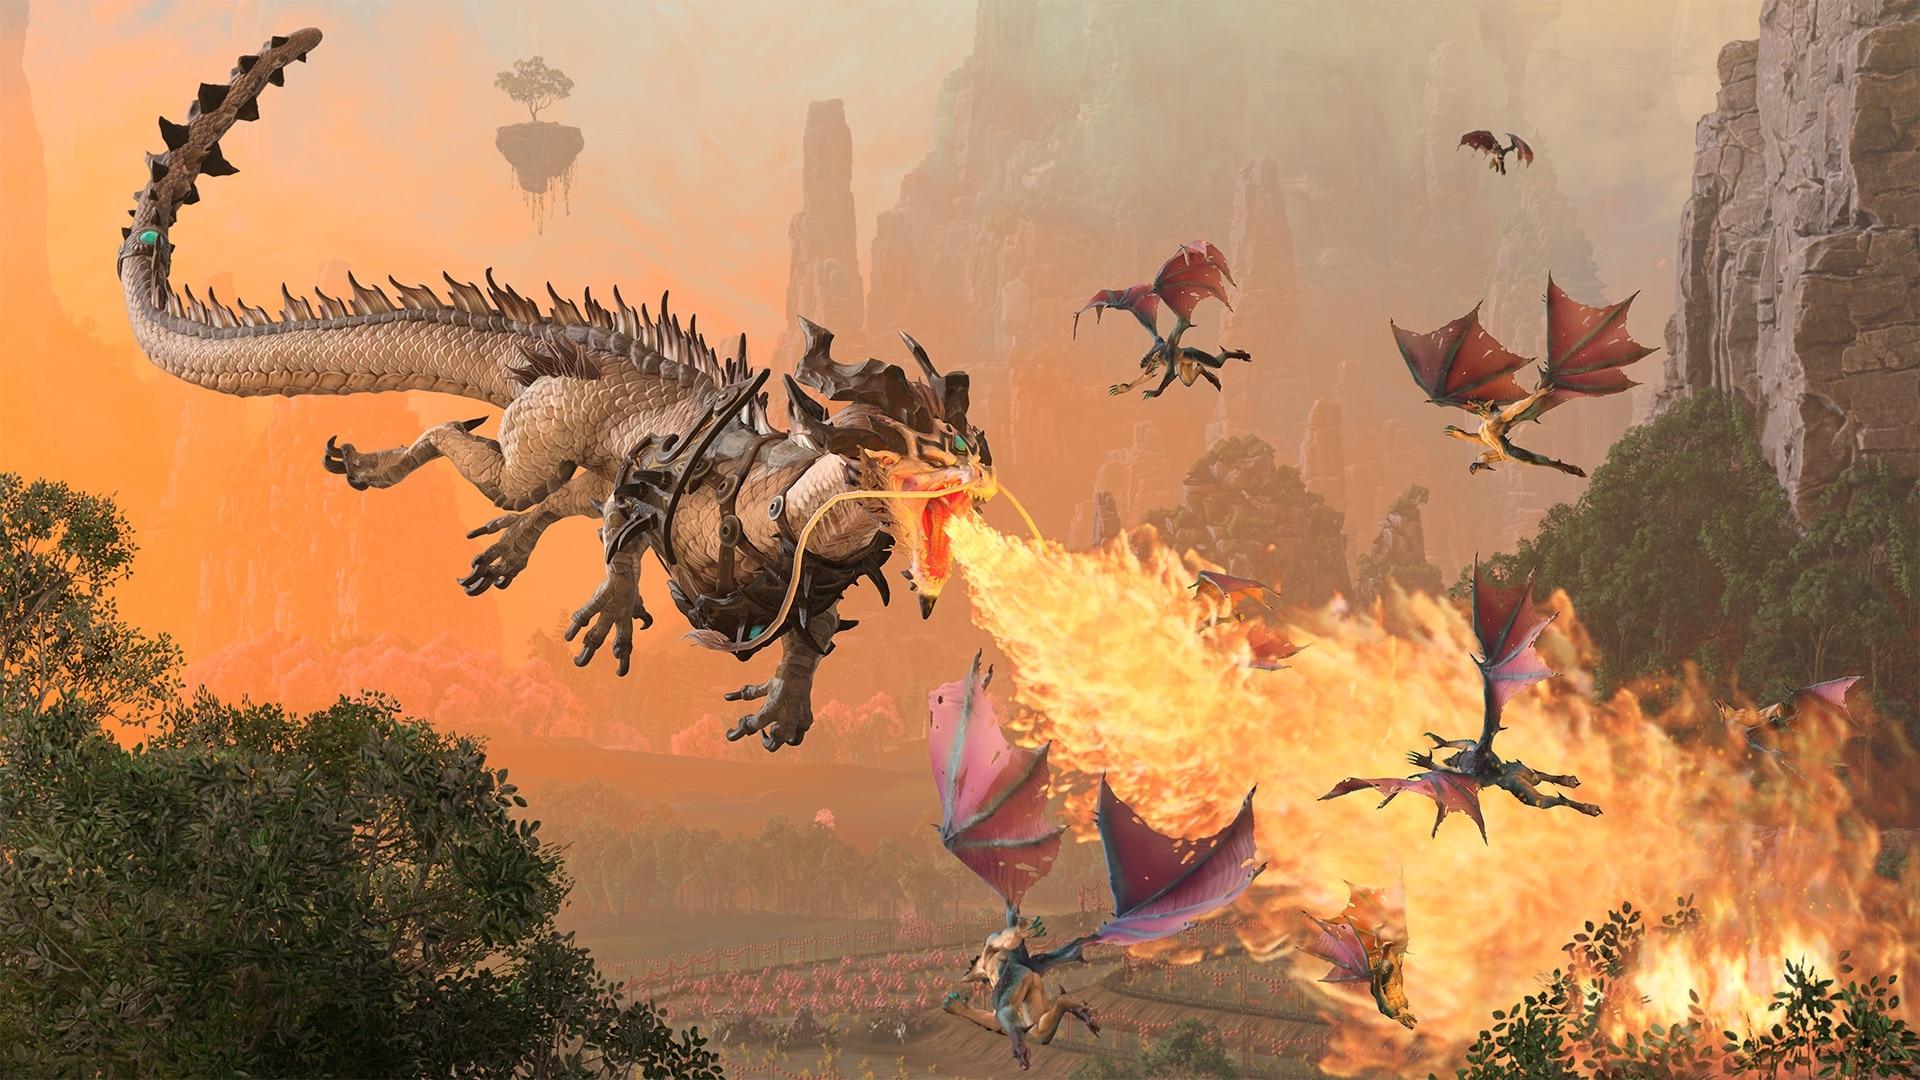 Podczas gdy Miao Ying ciska piorunami nawet w formie smoka, Zhao Ming zieje zwykłym ogniem.